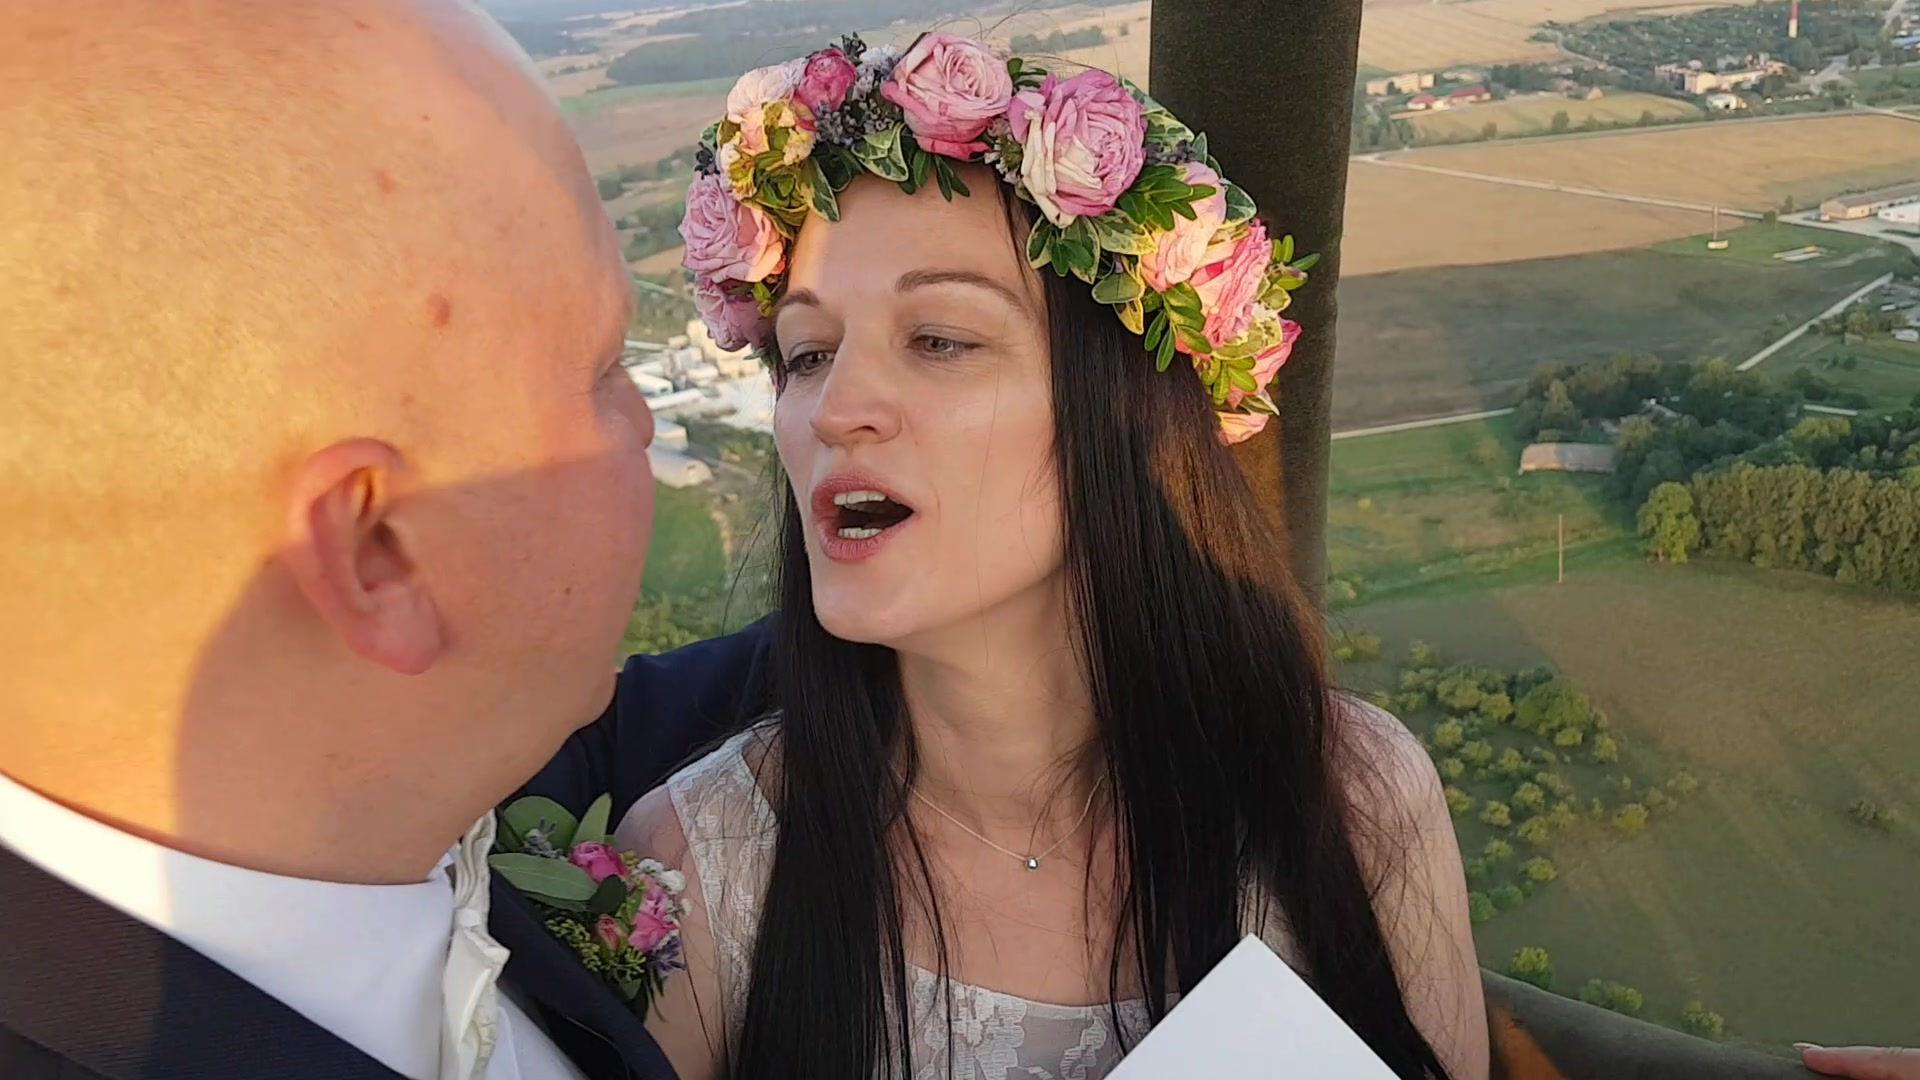 Laulību ceremonija gaisa balonā